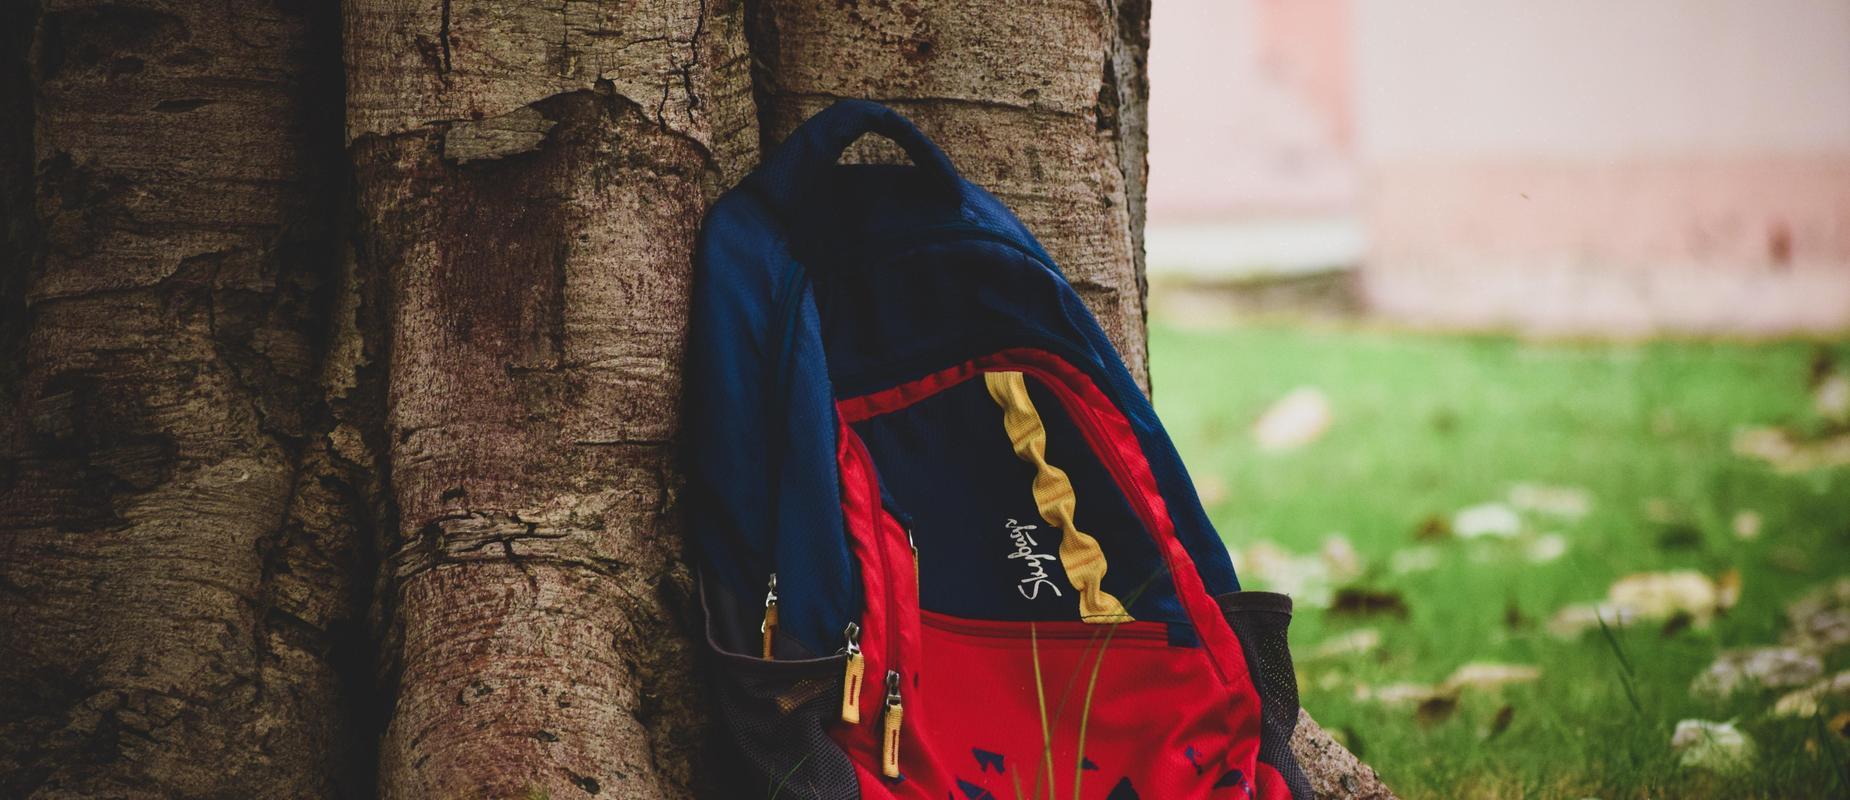 Image of bookbag resting against tree